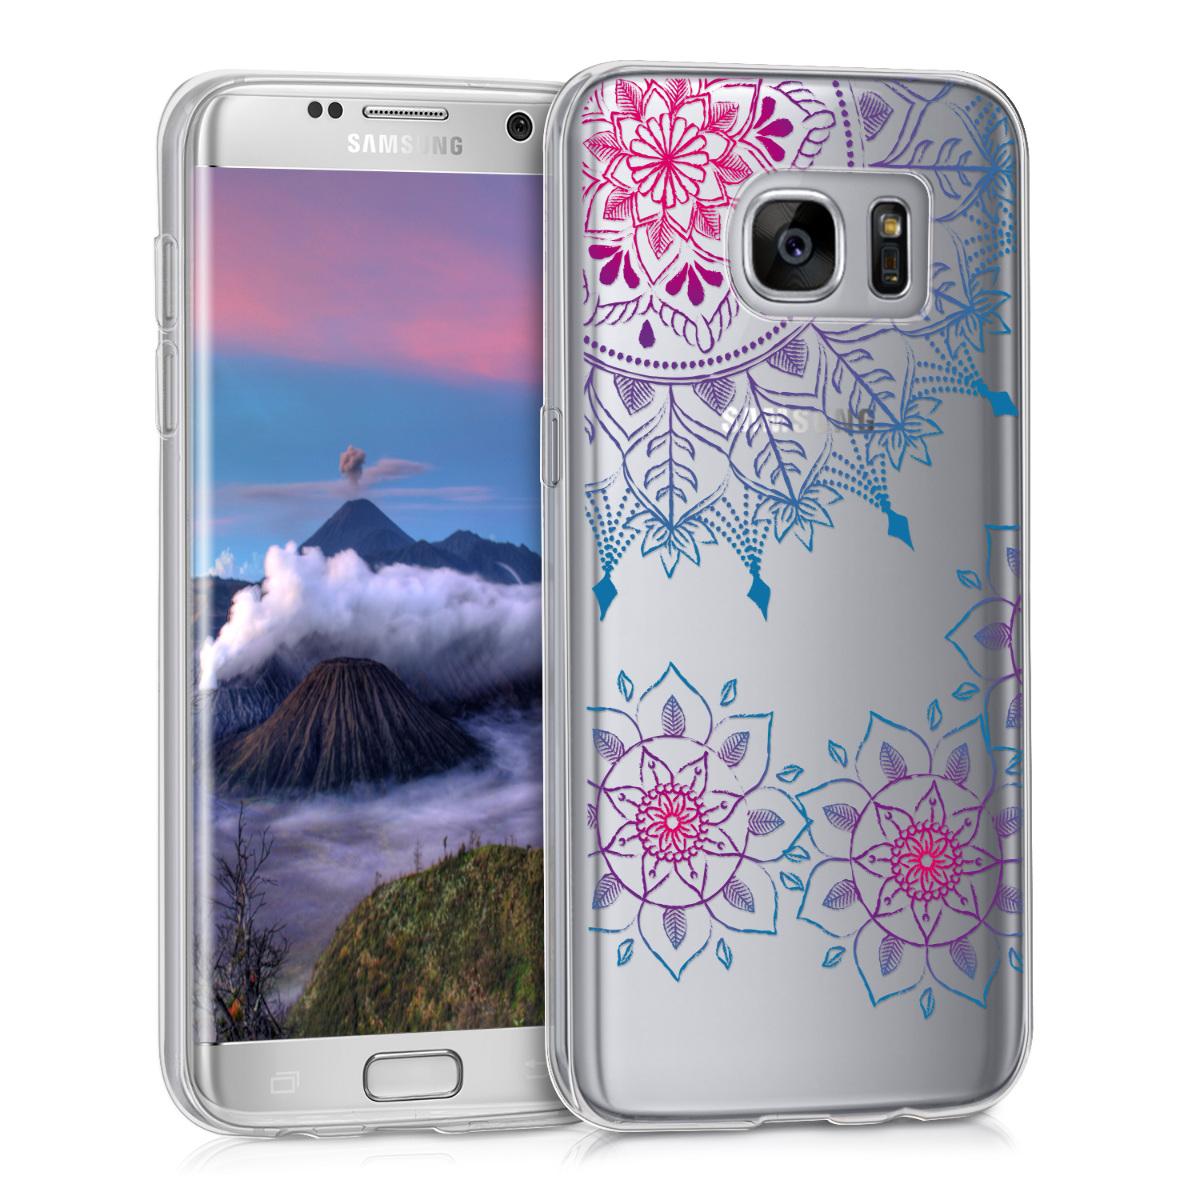 Kvalitní silikonové TPU pouzdro pro Samsung S7 Edge - Vintage květiny Ring tmavě růžová / modré / průhledná